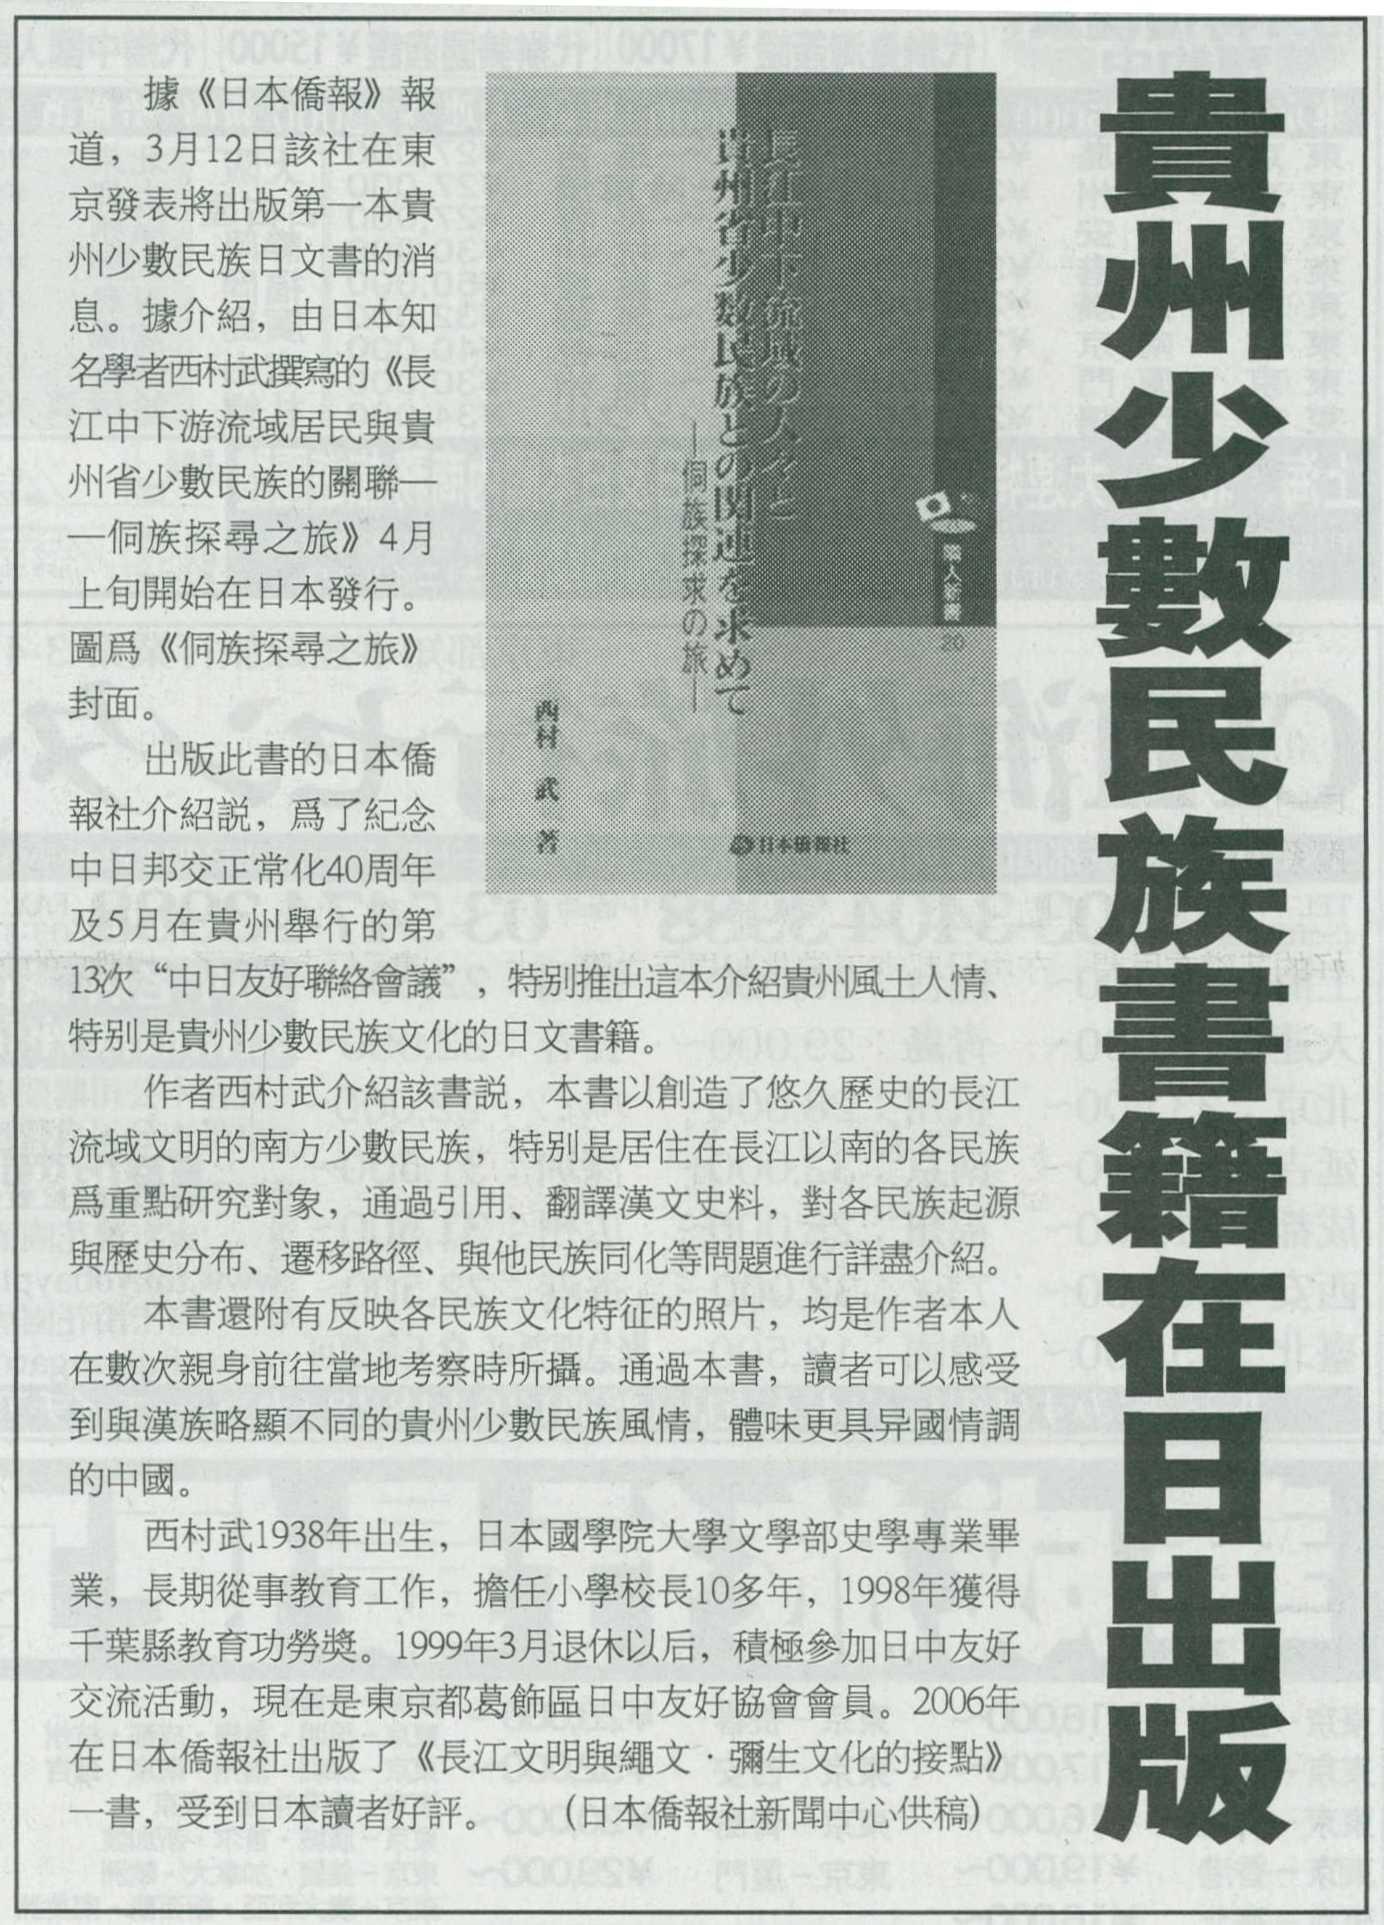 《长江中下游流域居民与贵州省少数民族的关联——侗族探寻之旅》4月上旬开始在日本发行。_d0027795_16104940.jpg